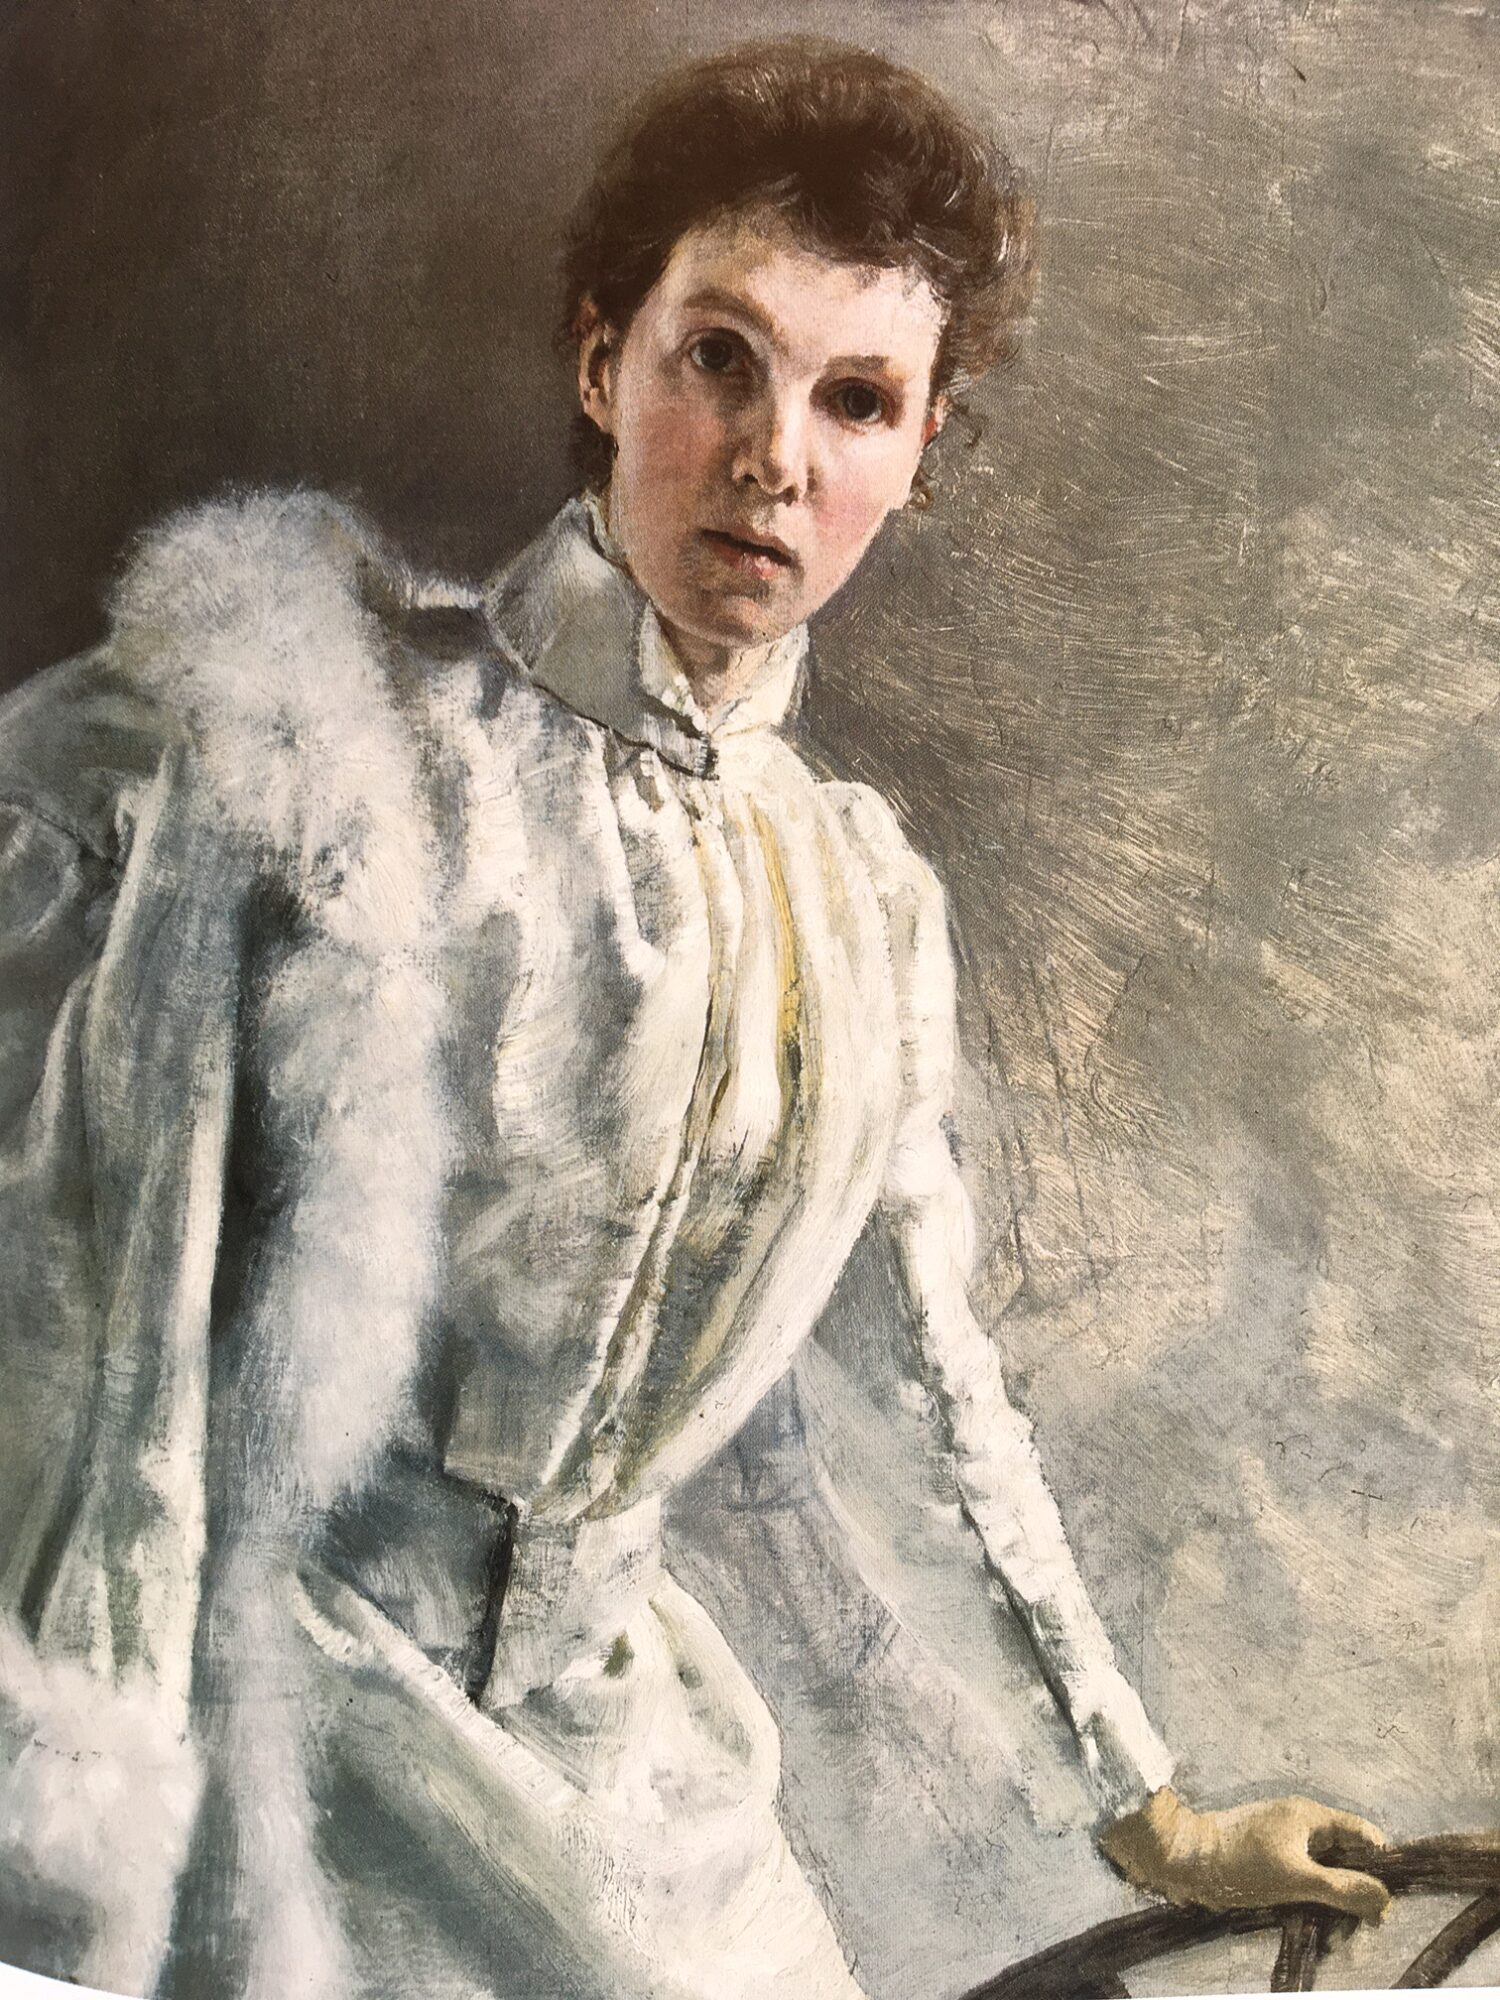 Das Selbstporträt Clara von Rappards aus dem Jahr 1890 lässt sich als Bekenntnis zu ihrer Freilichtkunst deuten. Vor neutralem grauen Hintergrund posiert die Malerin in eleganter weisser Ausgehkluft. Kunstmuseum Bern.